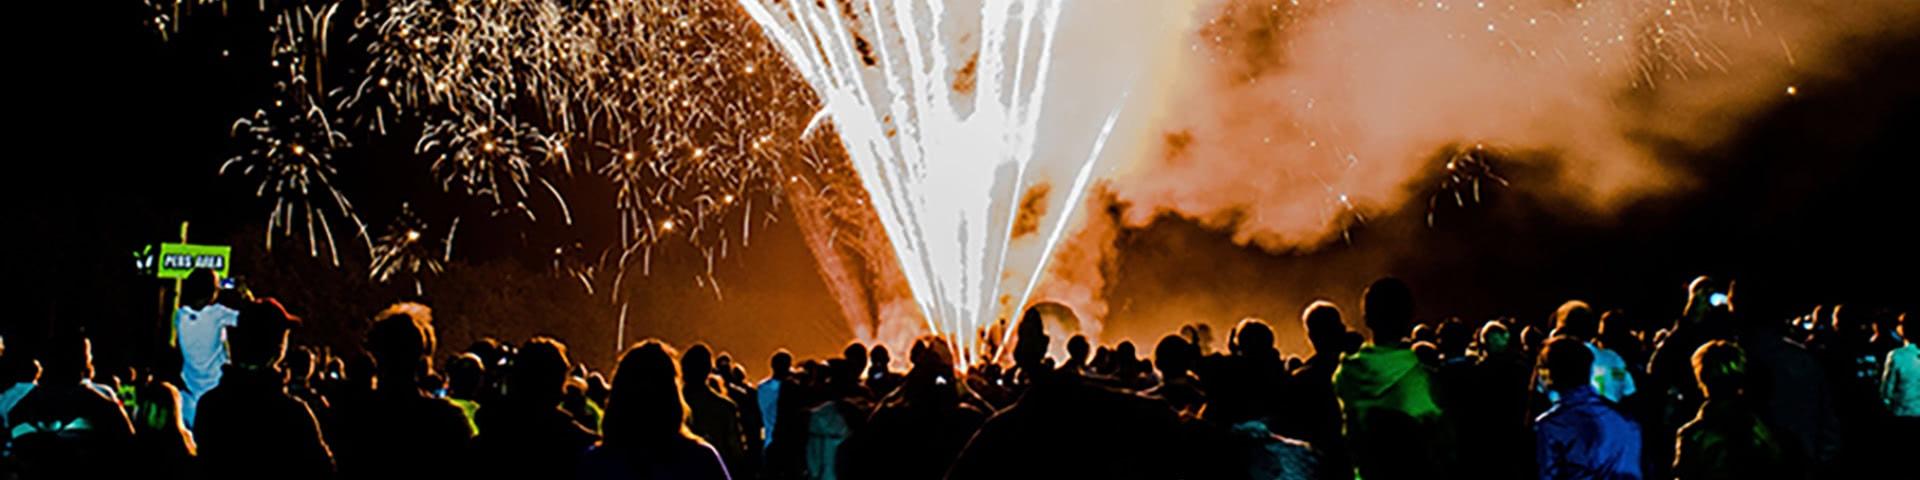 Großes Feuerwerk beim Feuerwerksfestival in Kalkar